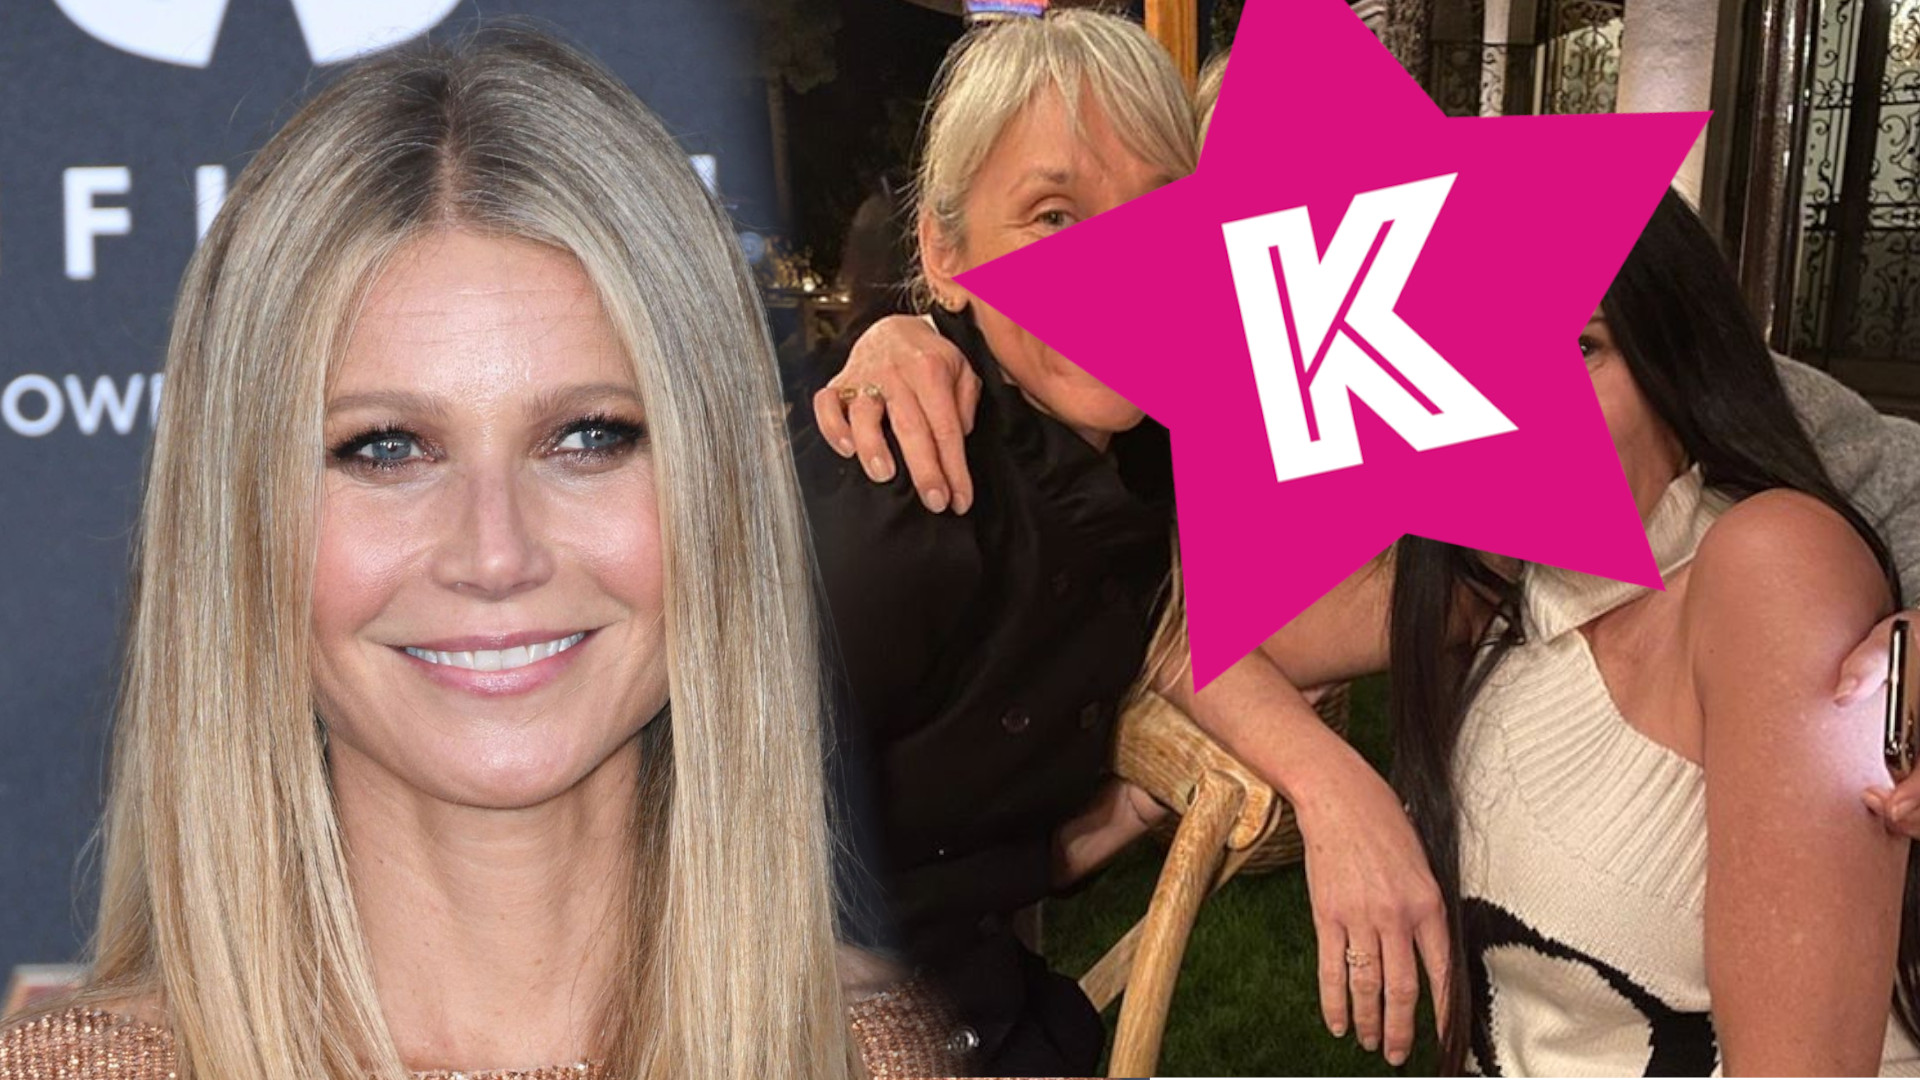 Impreza Gwyneth Paltrow przejdzie do historii. Co ona wymyśliła!